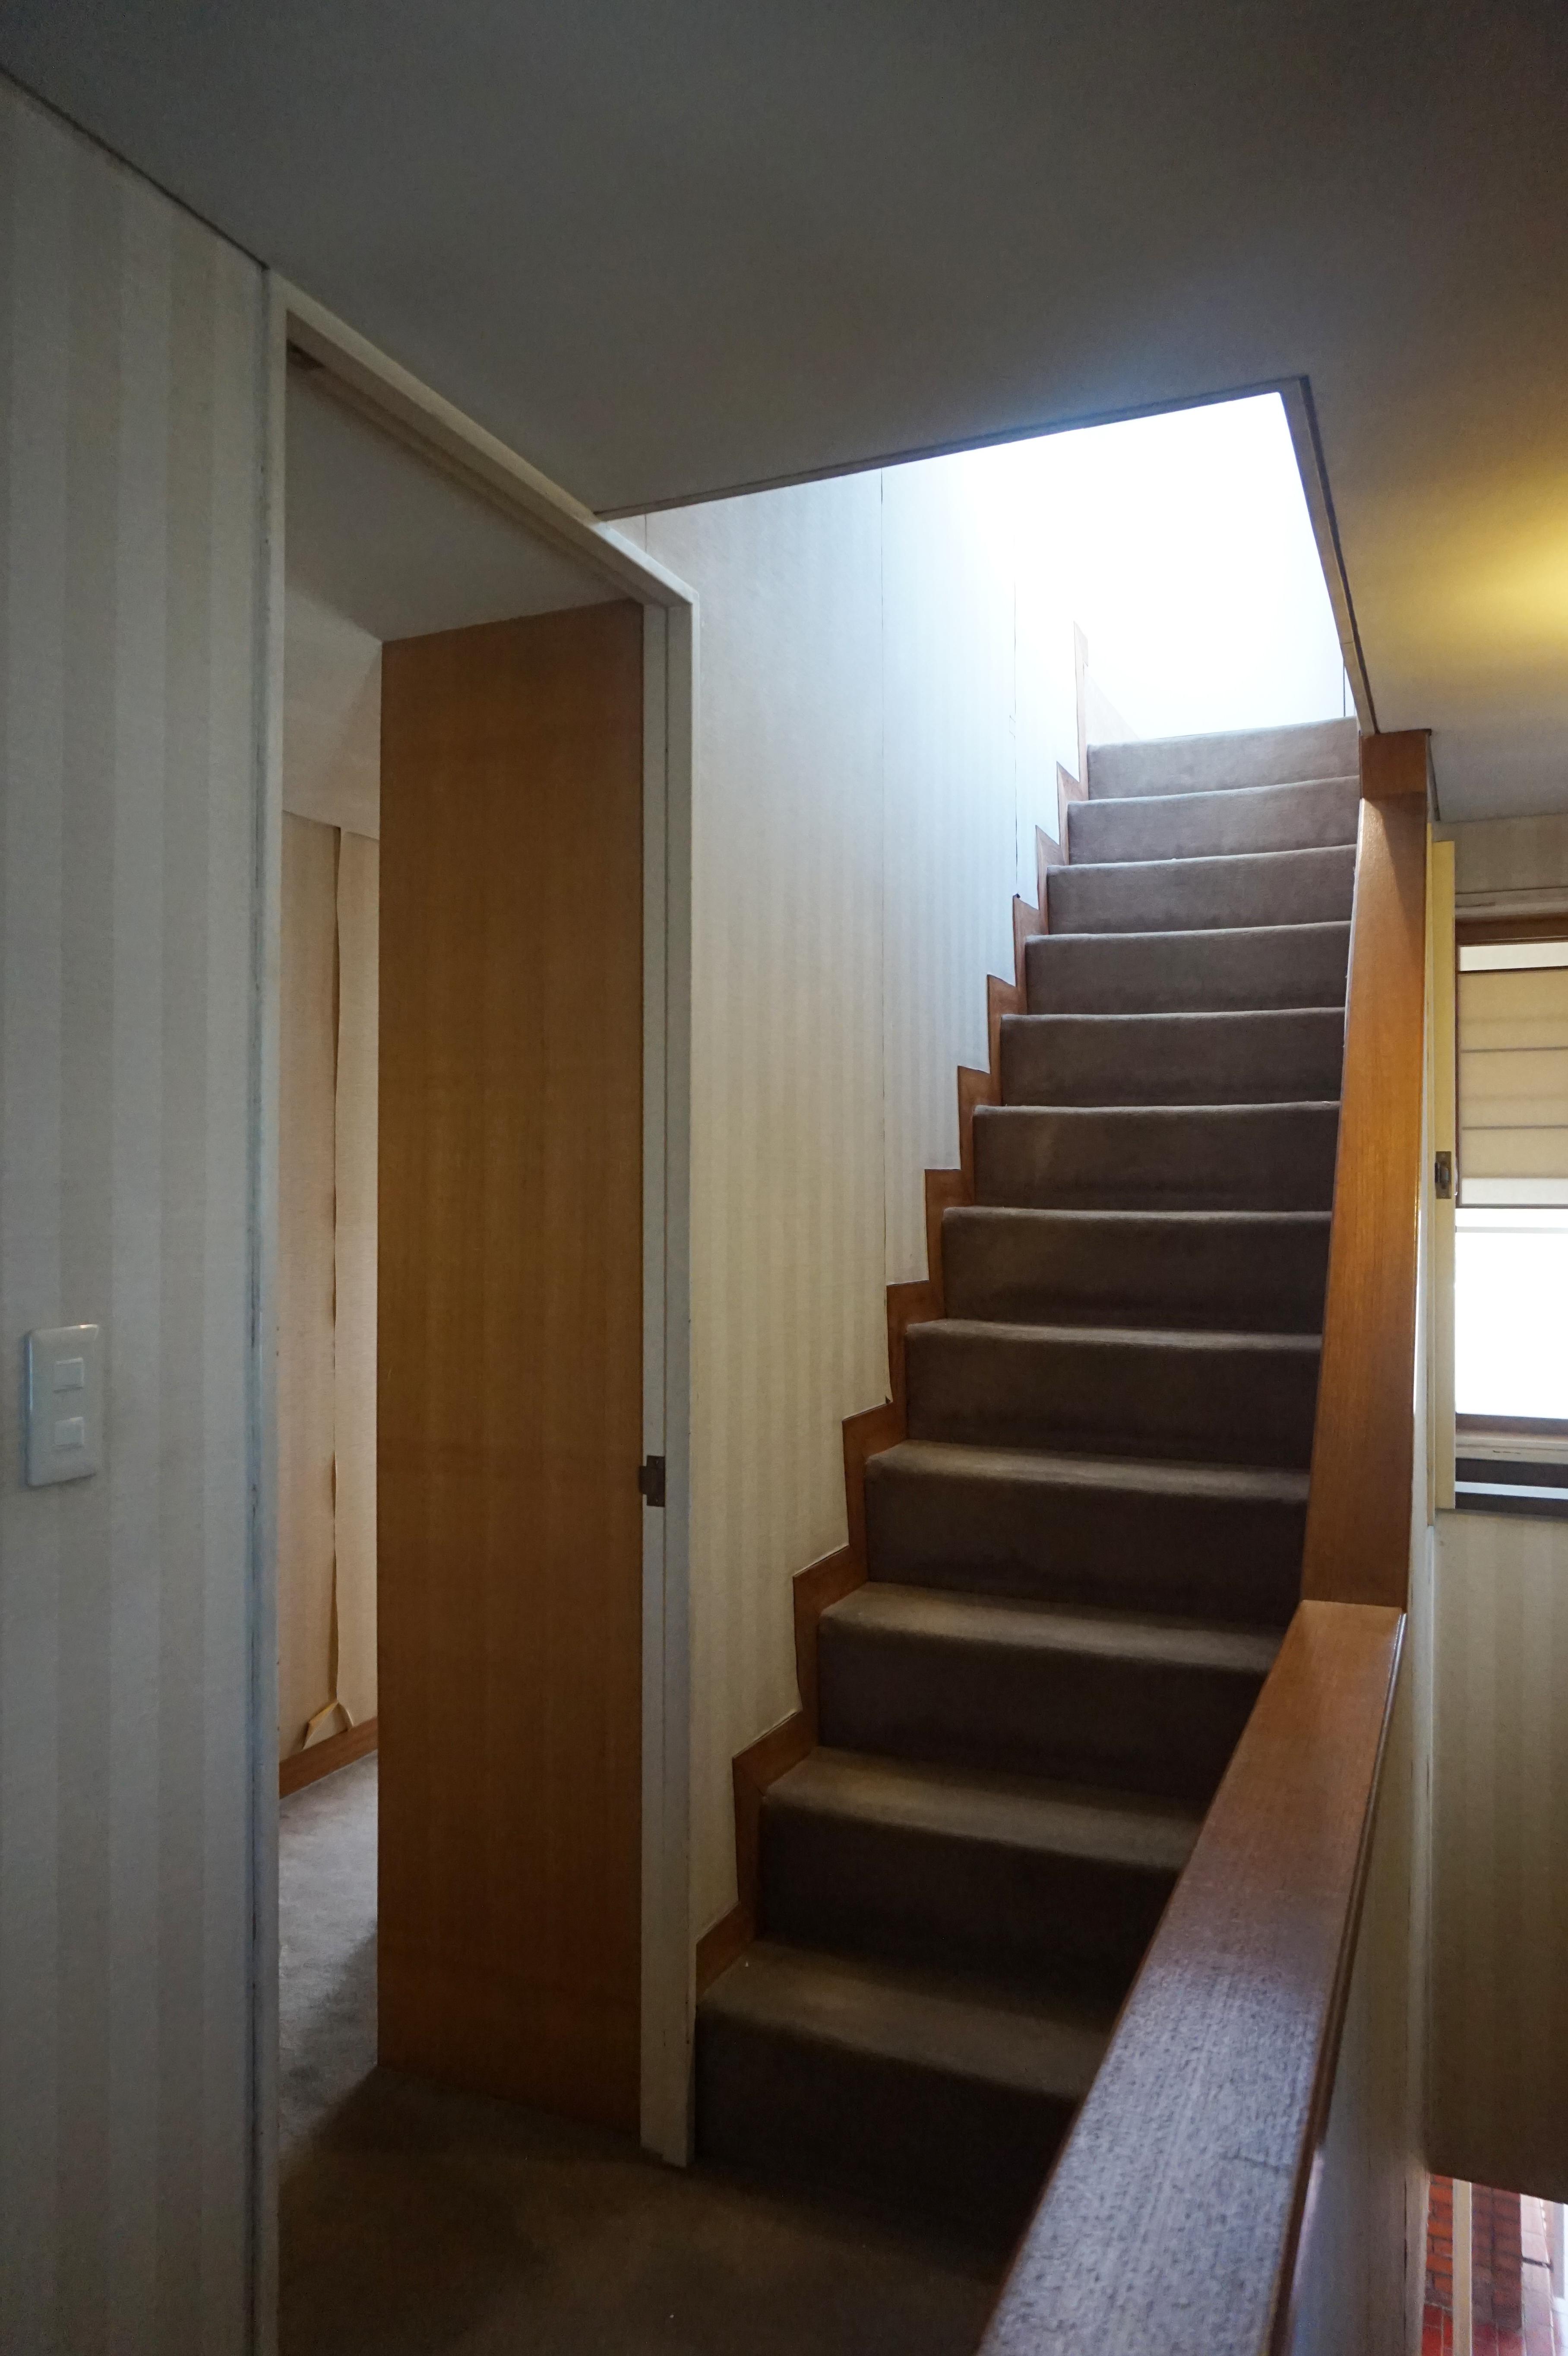 【既存】階段室